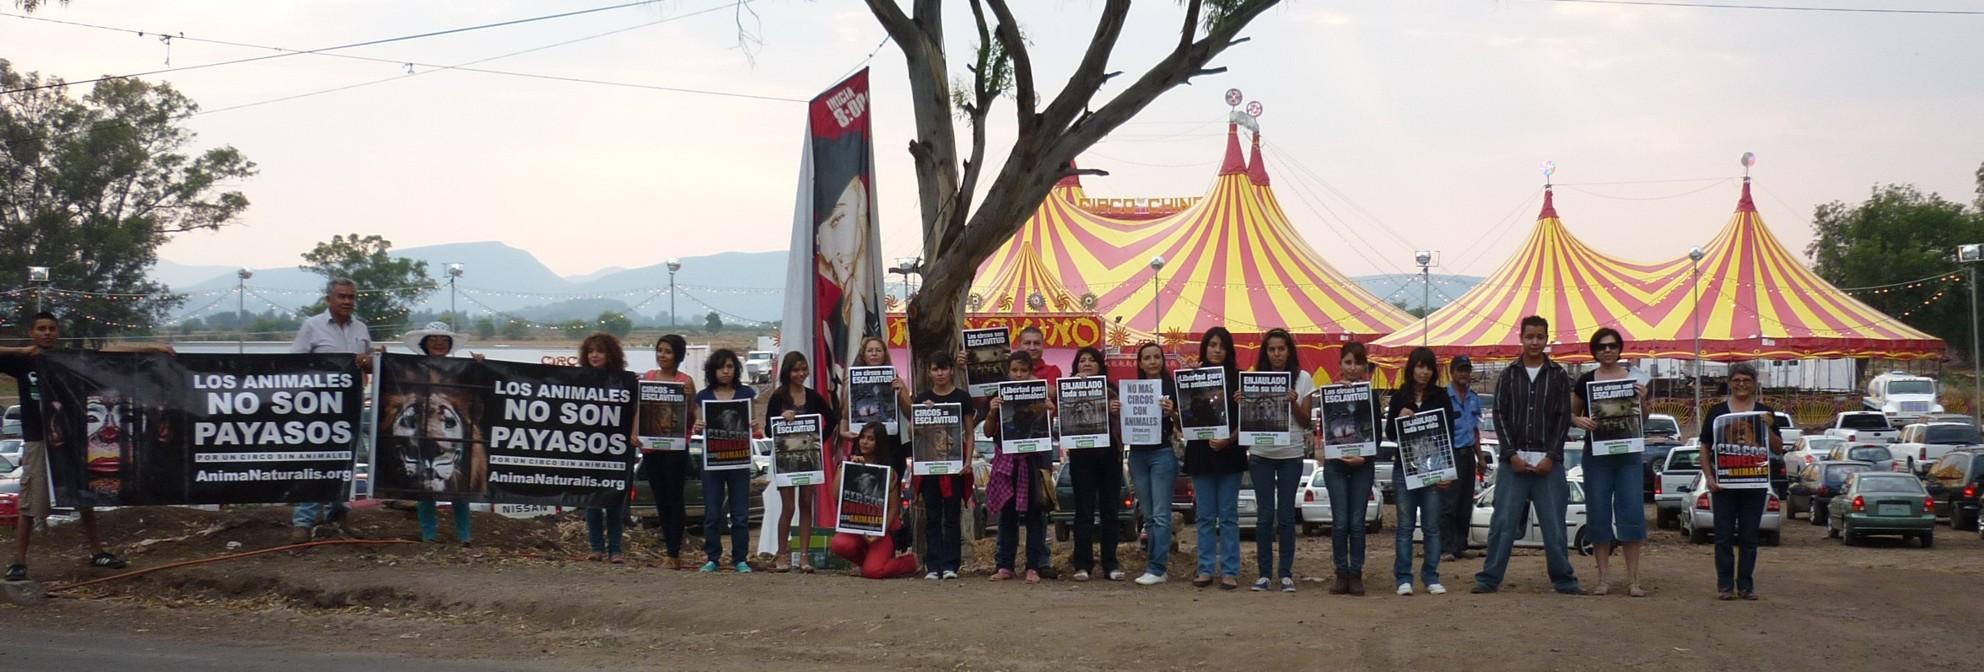 Animanaturalis protest contra el circo chino de pek n en for Espectaculo chino en mexico